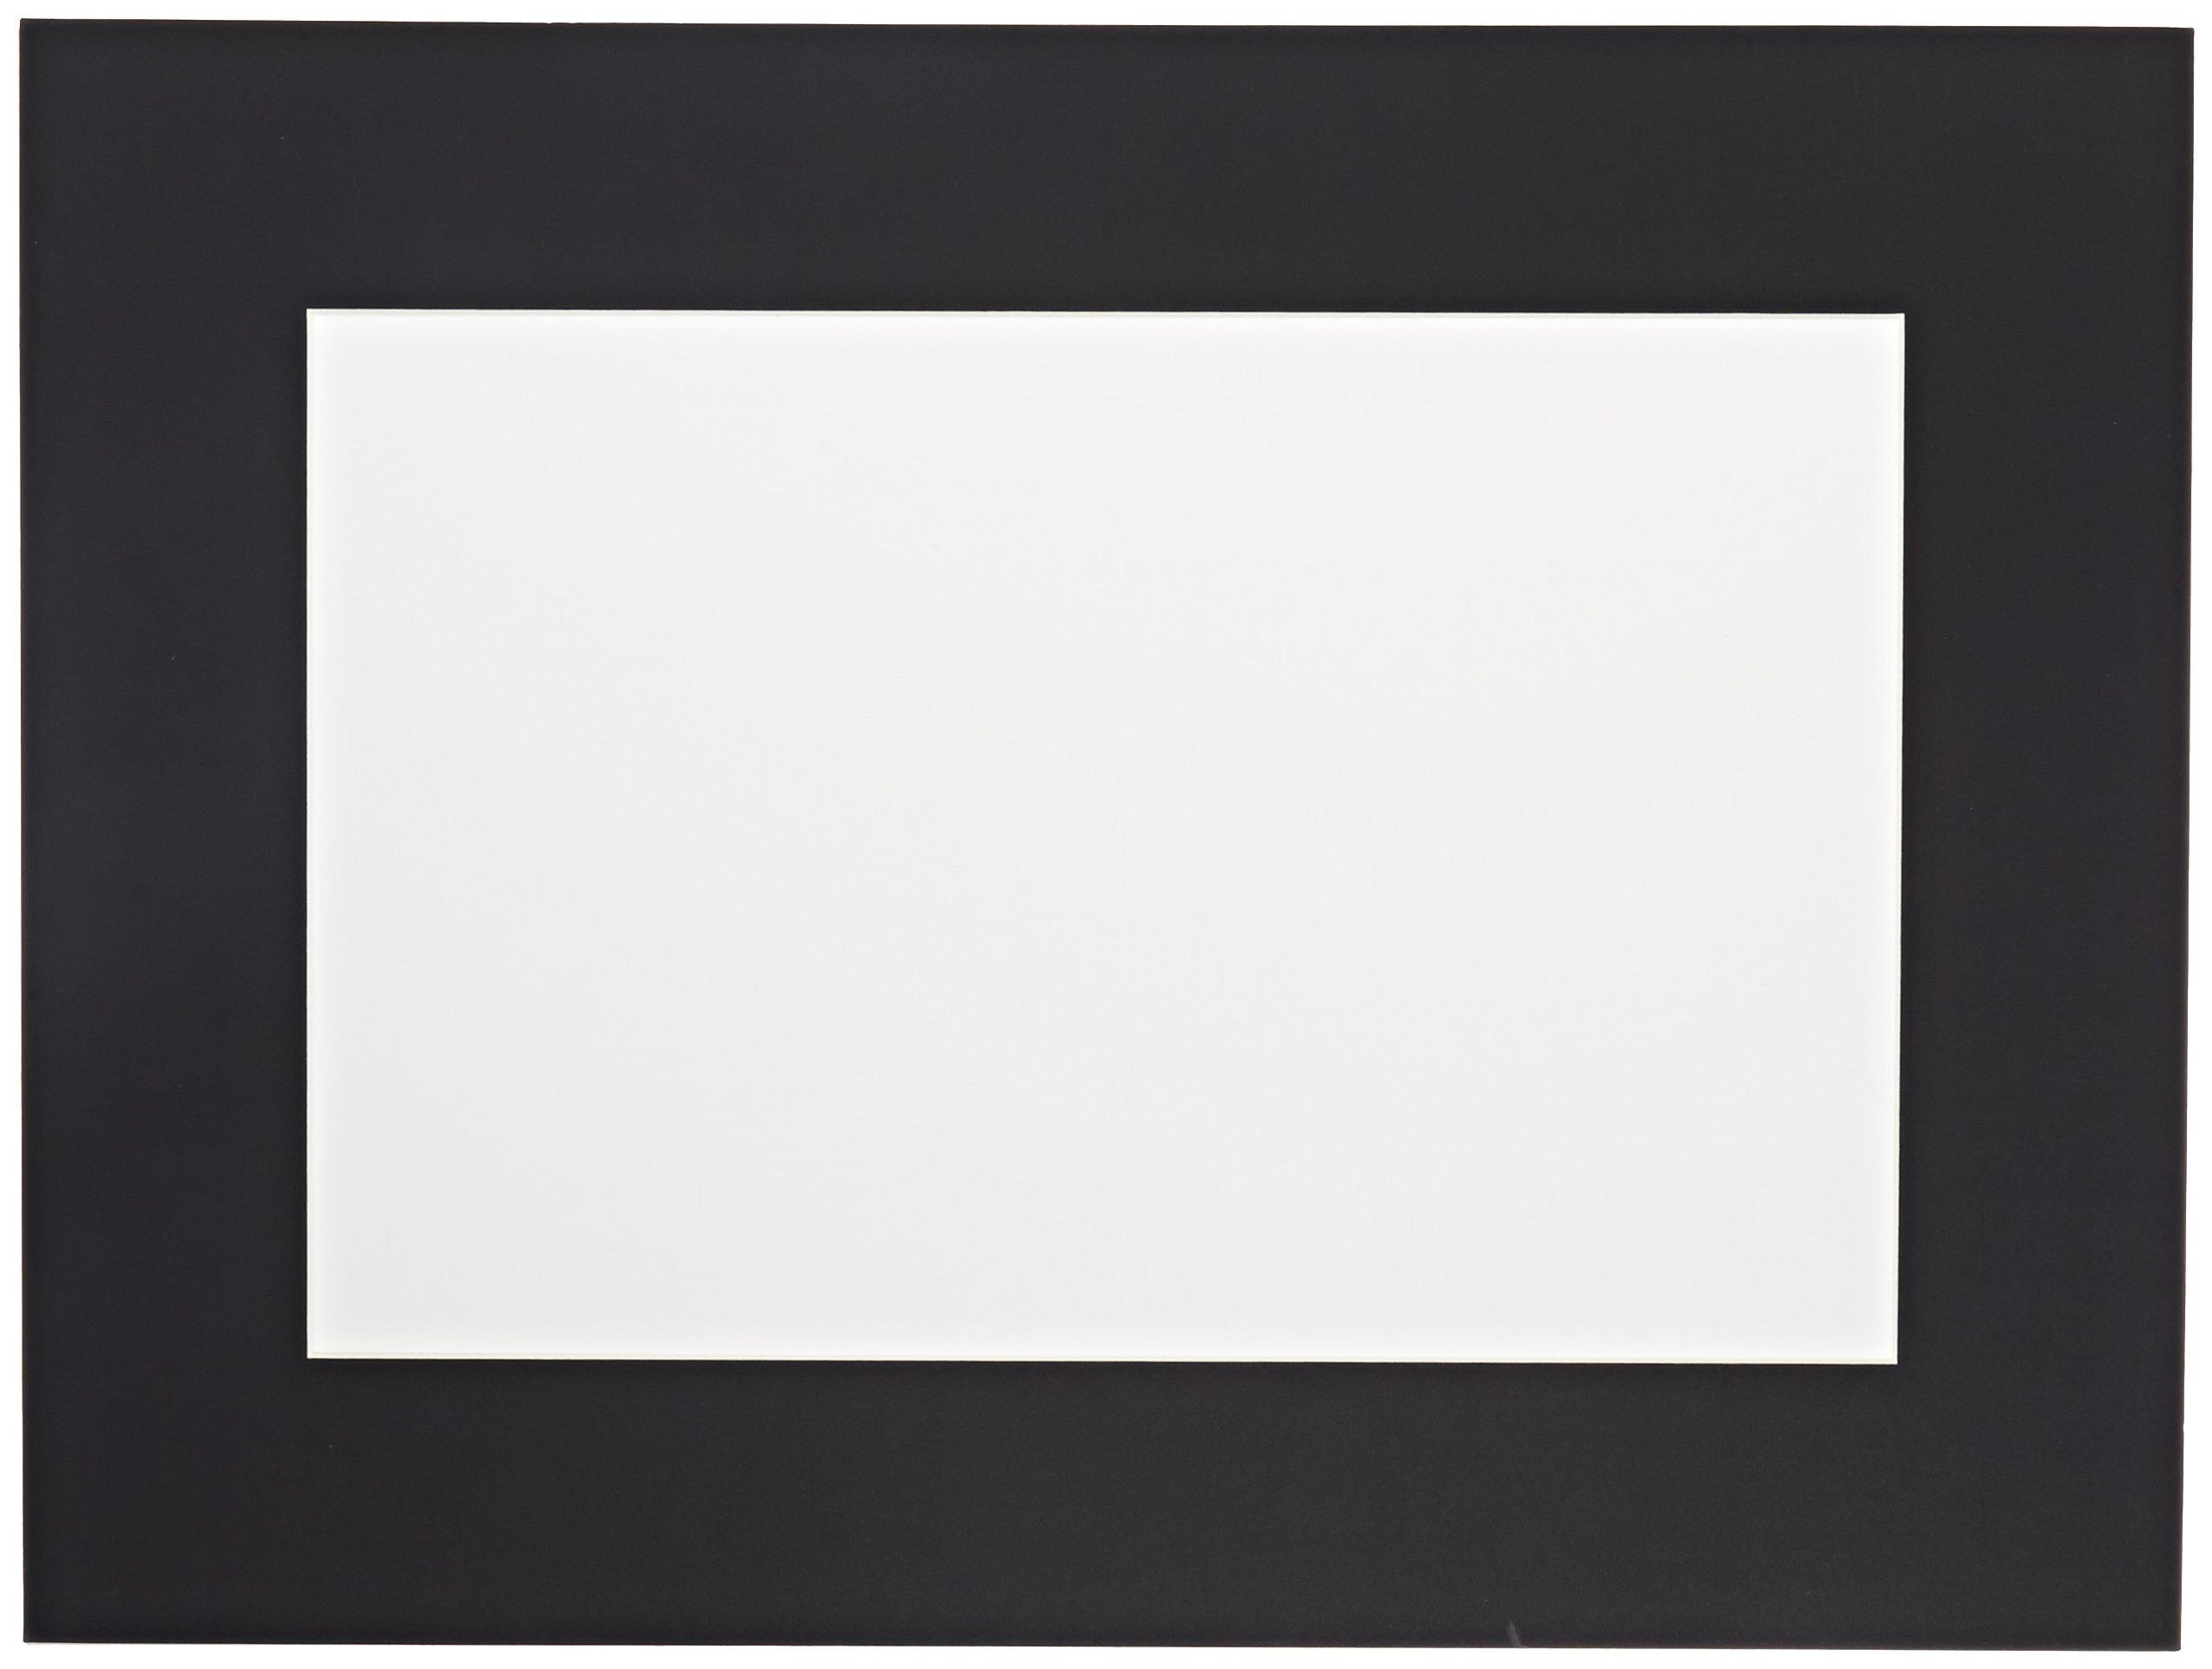 Sax Premium Pre-Cut Mat, 18 x 24 Inches, Black, Pack of 10